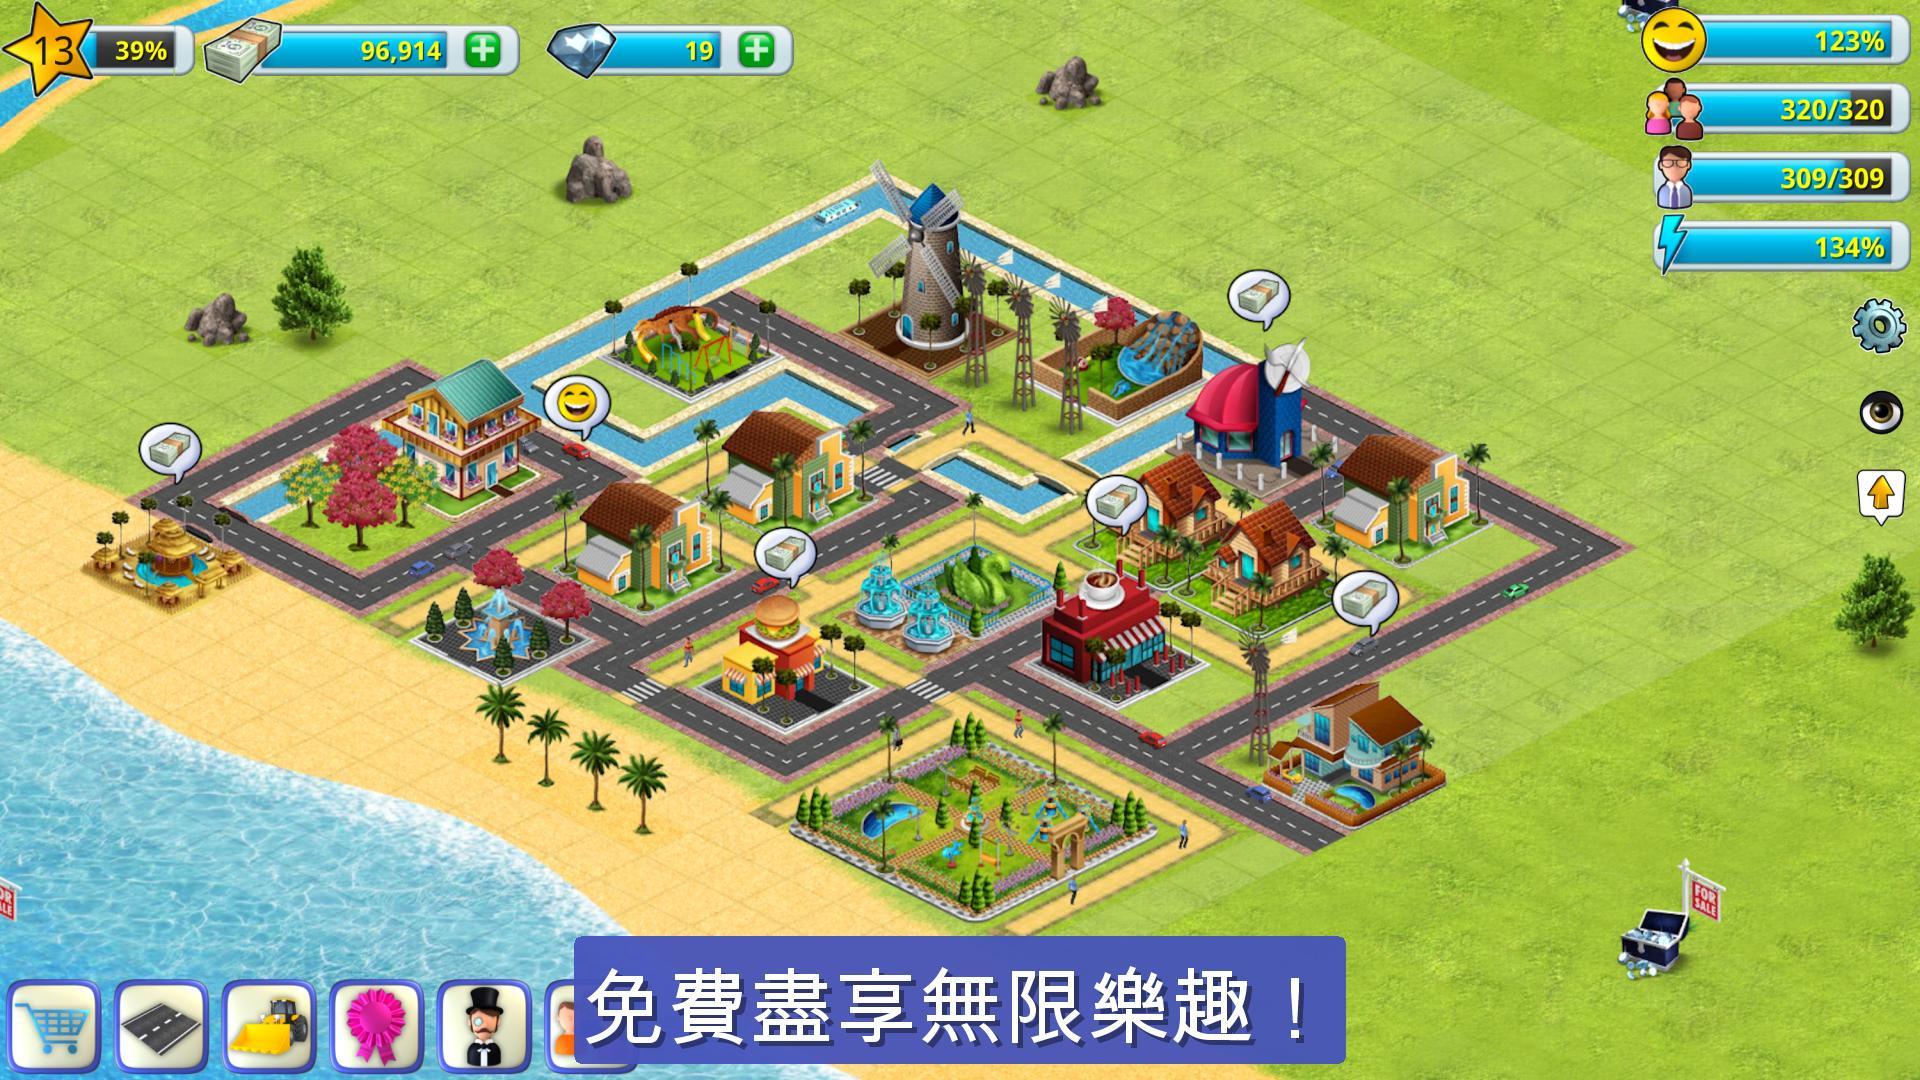 模拟岛屿2(城市建设) v1.0.3 for Android安卓版 - 截图1